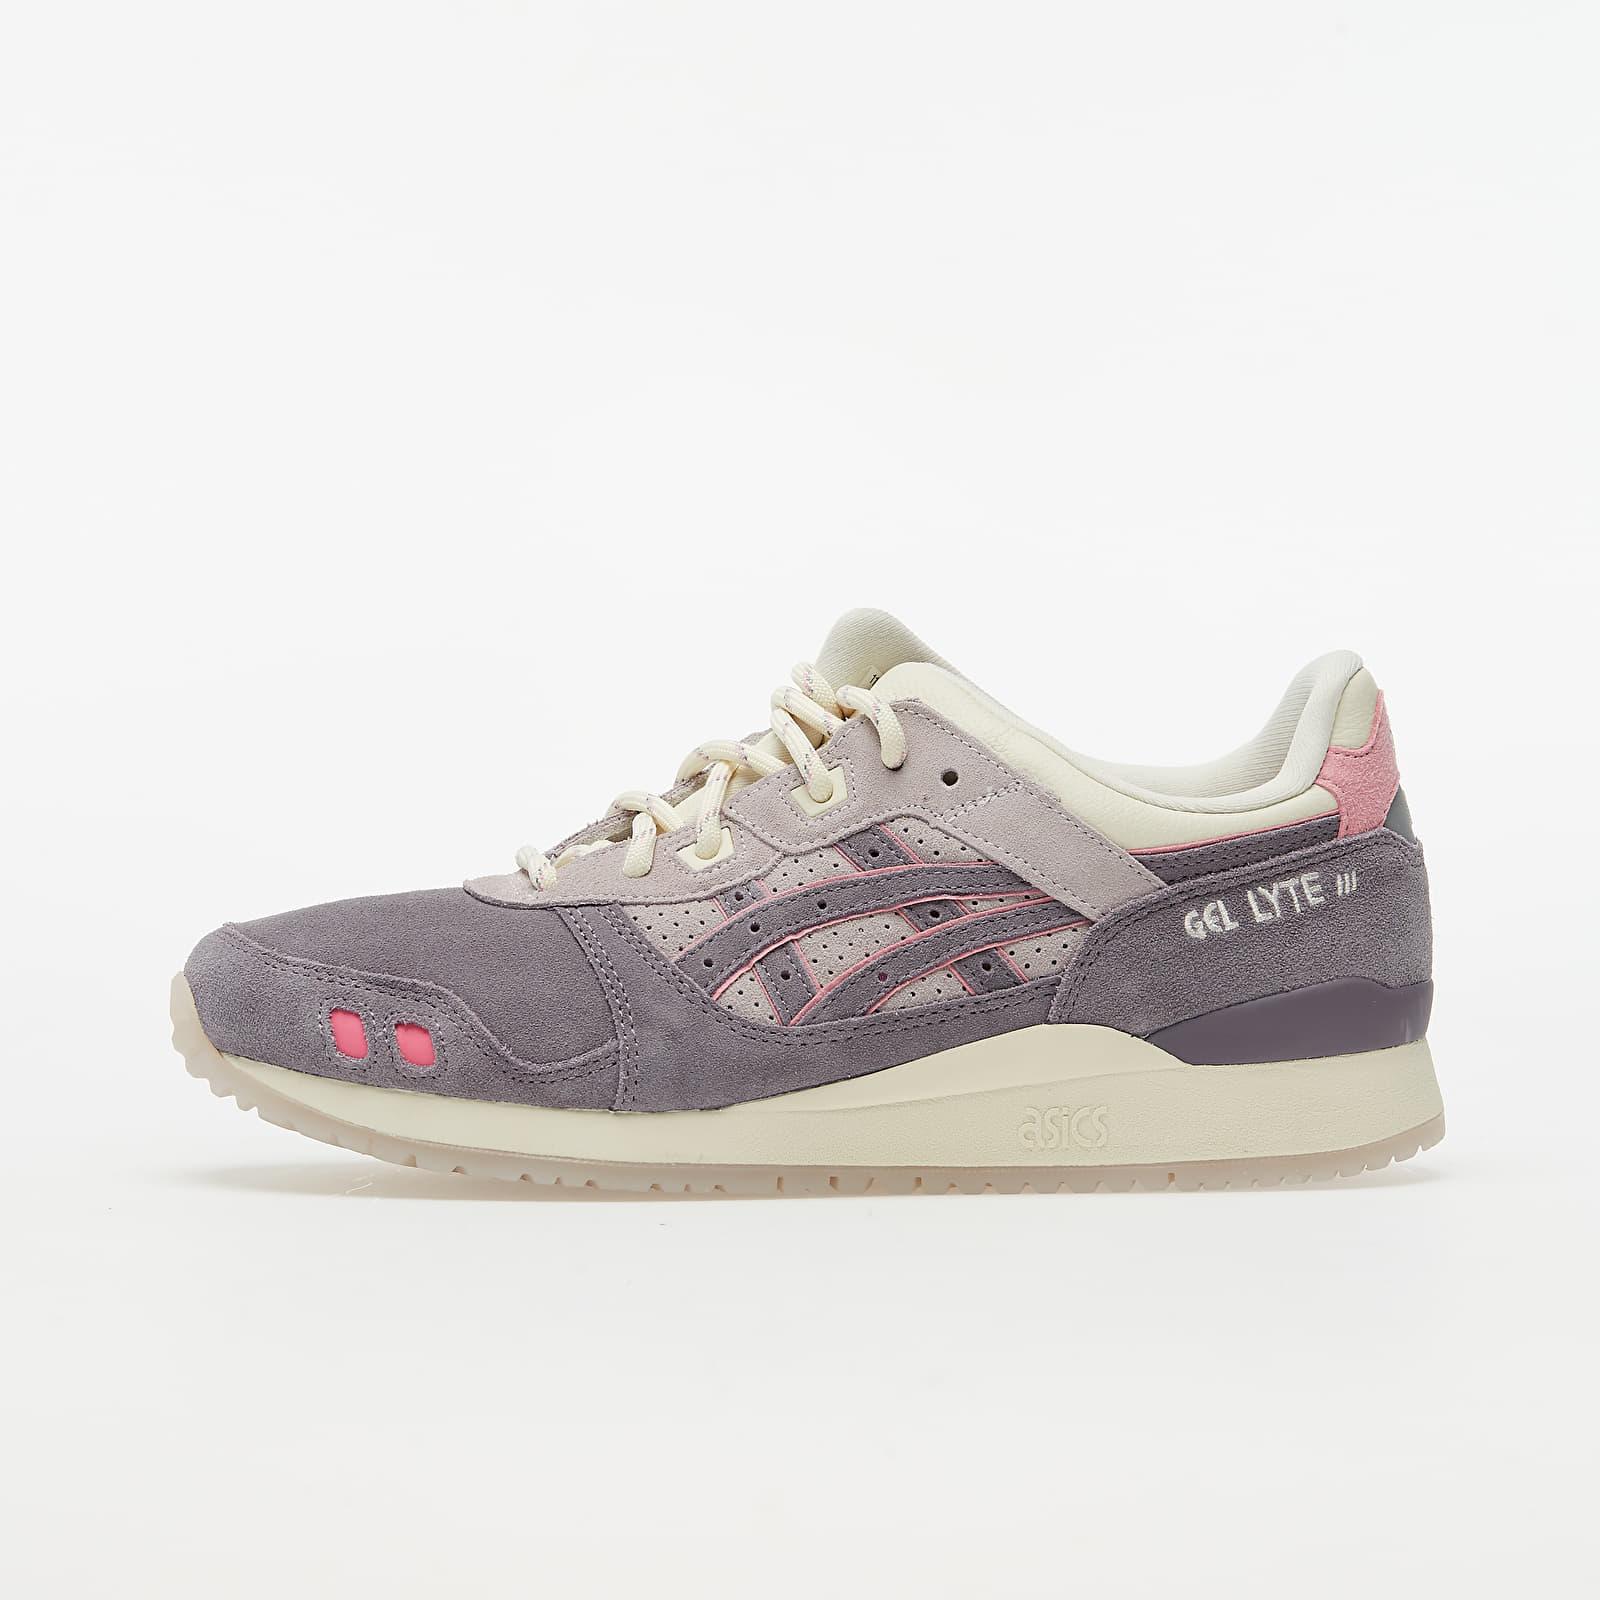 Încălțăminte și sneakerși pentru bărbați Asics x END. Gel - Lyte III OG Lavender Grey/ Ivory